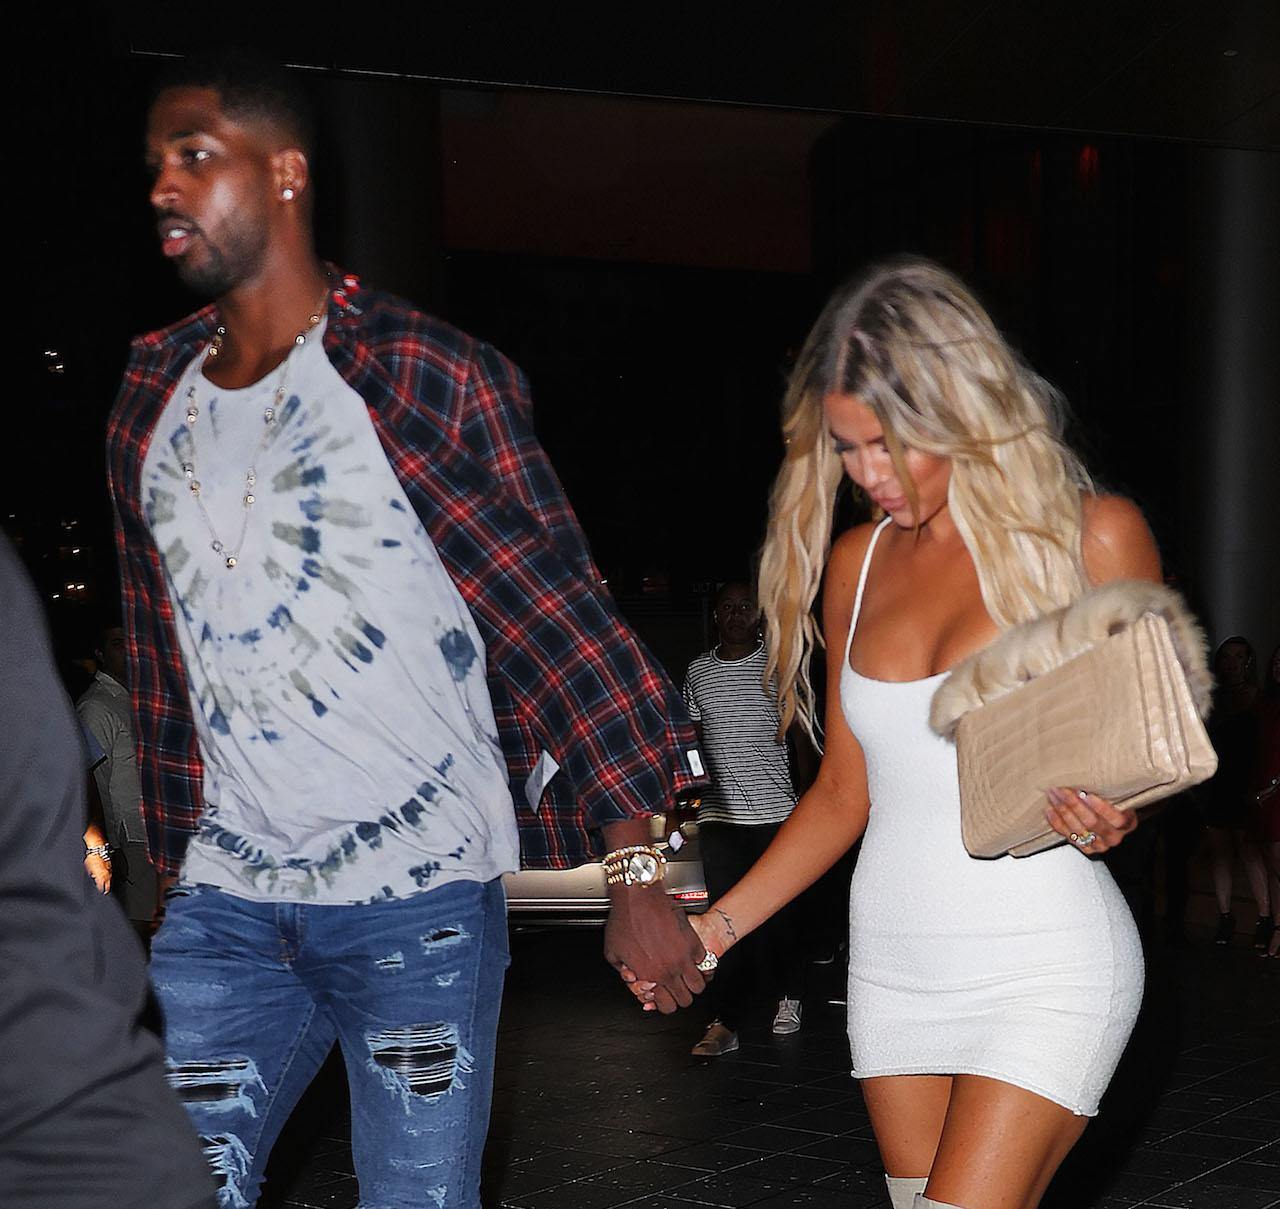 LeBron James préoccupé par la relation entre Tristan Thompson et Khloe Kardashian ?